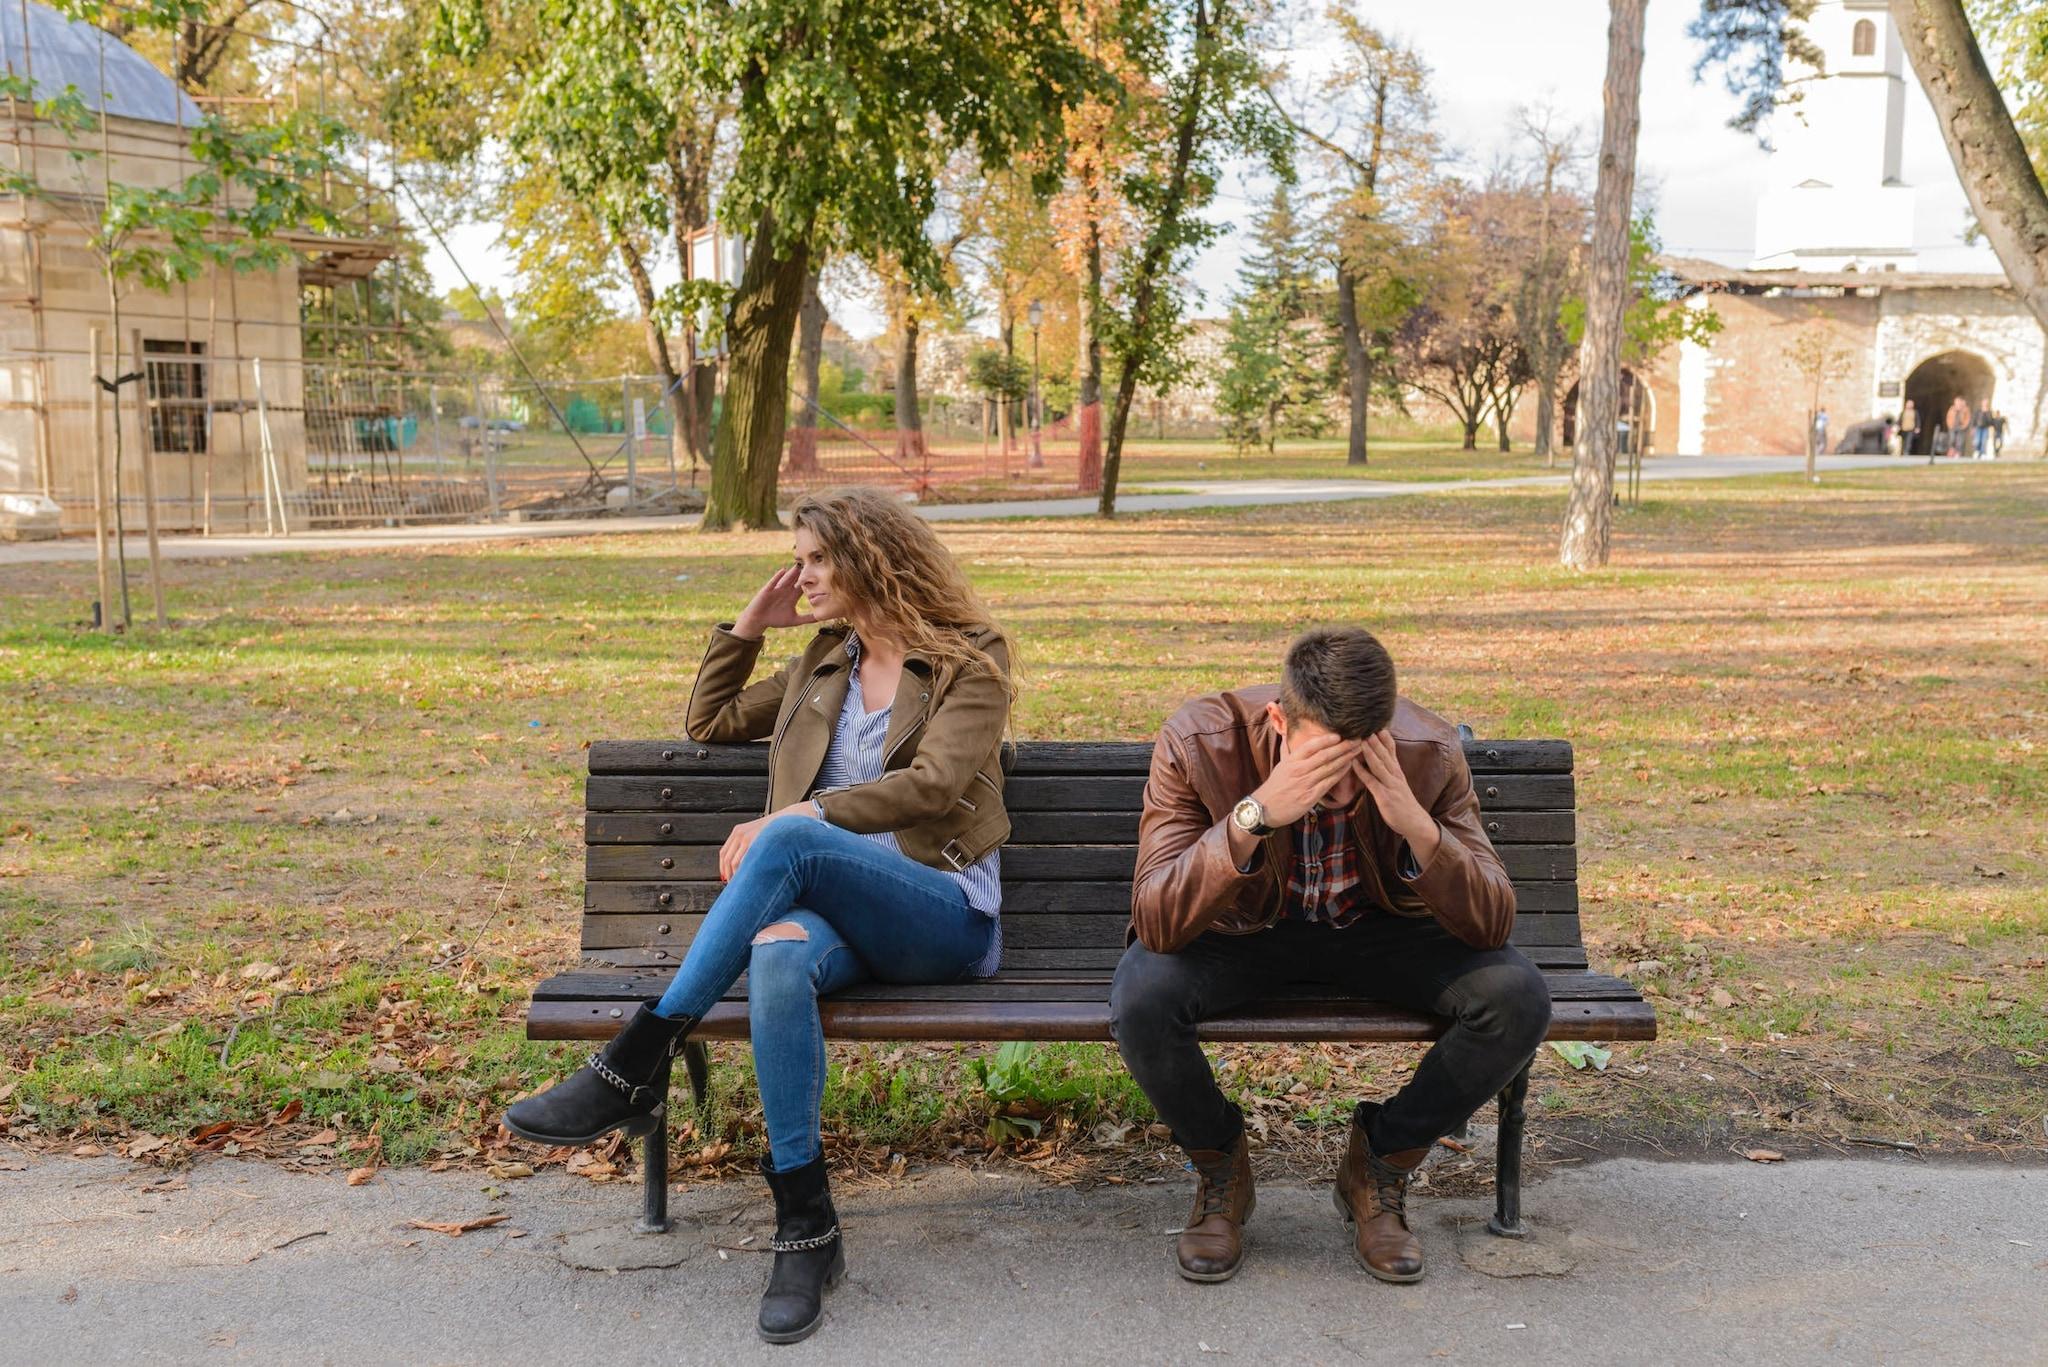 पुरुषांना आपल्या मुठीत ठेवणाऱ्या किंवा फार स्त्रीवादी महिलांना डेट करायला पुरुषांना आवडत नाही.